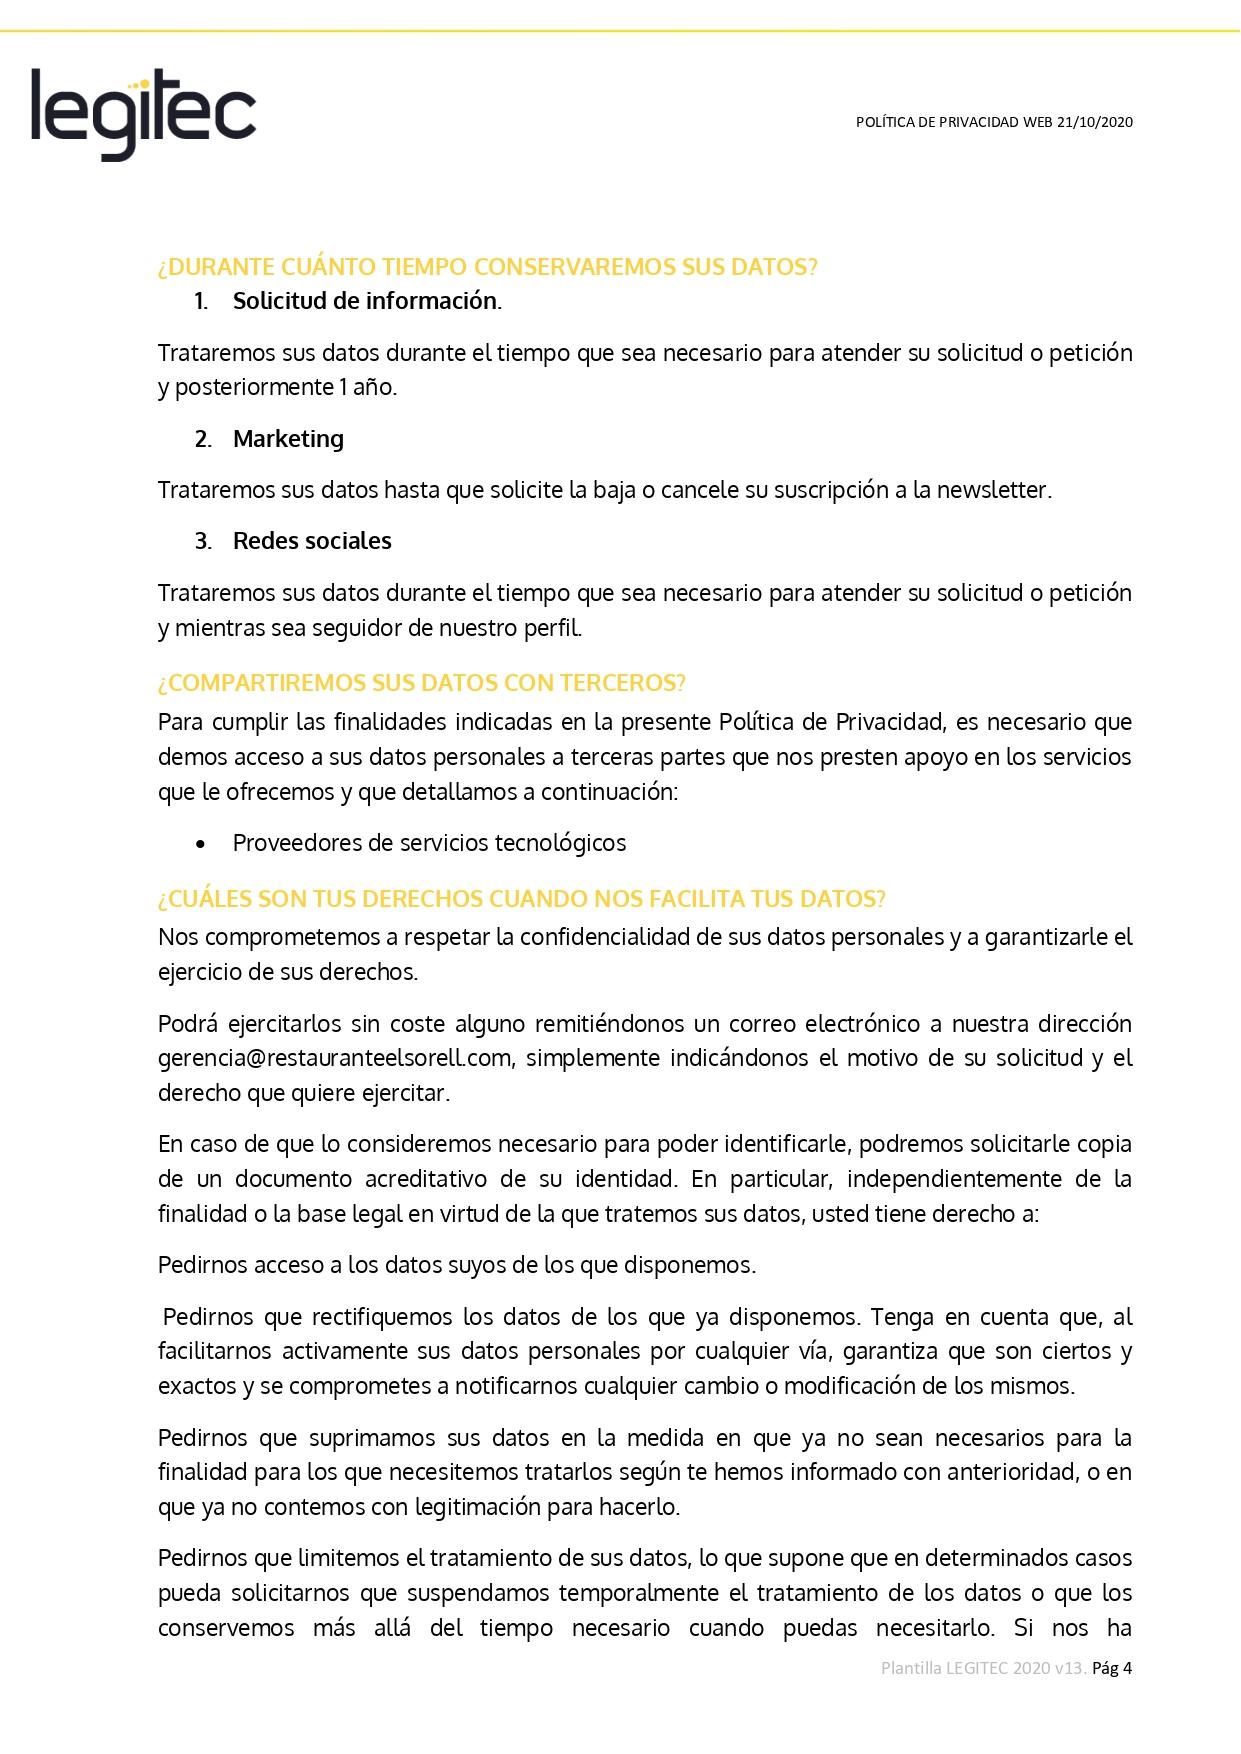 WEB-POLÍTICA-DE-PRIVACIDAD-_page-0004